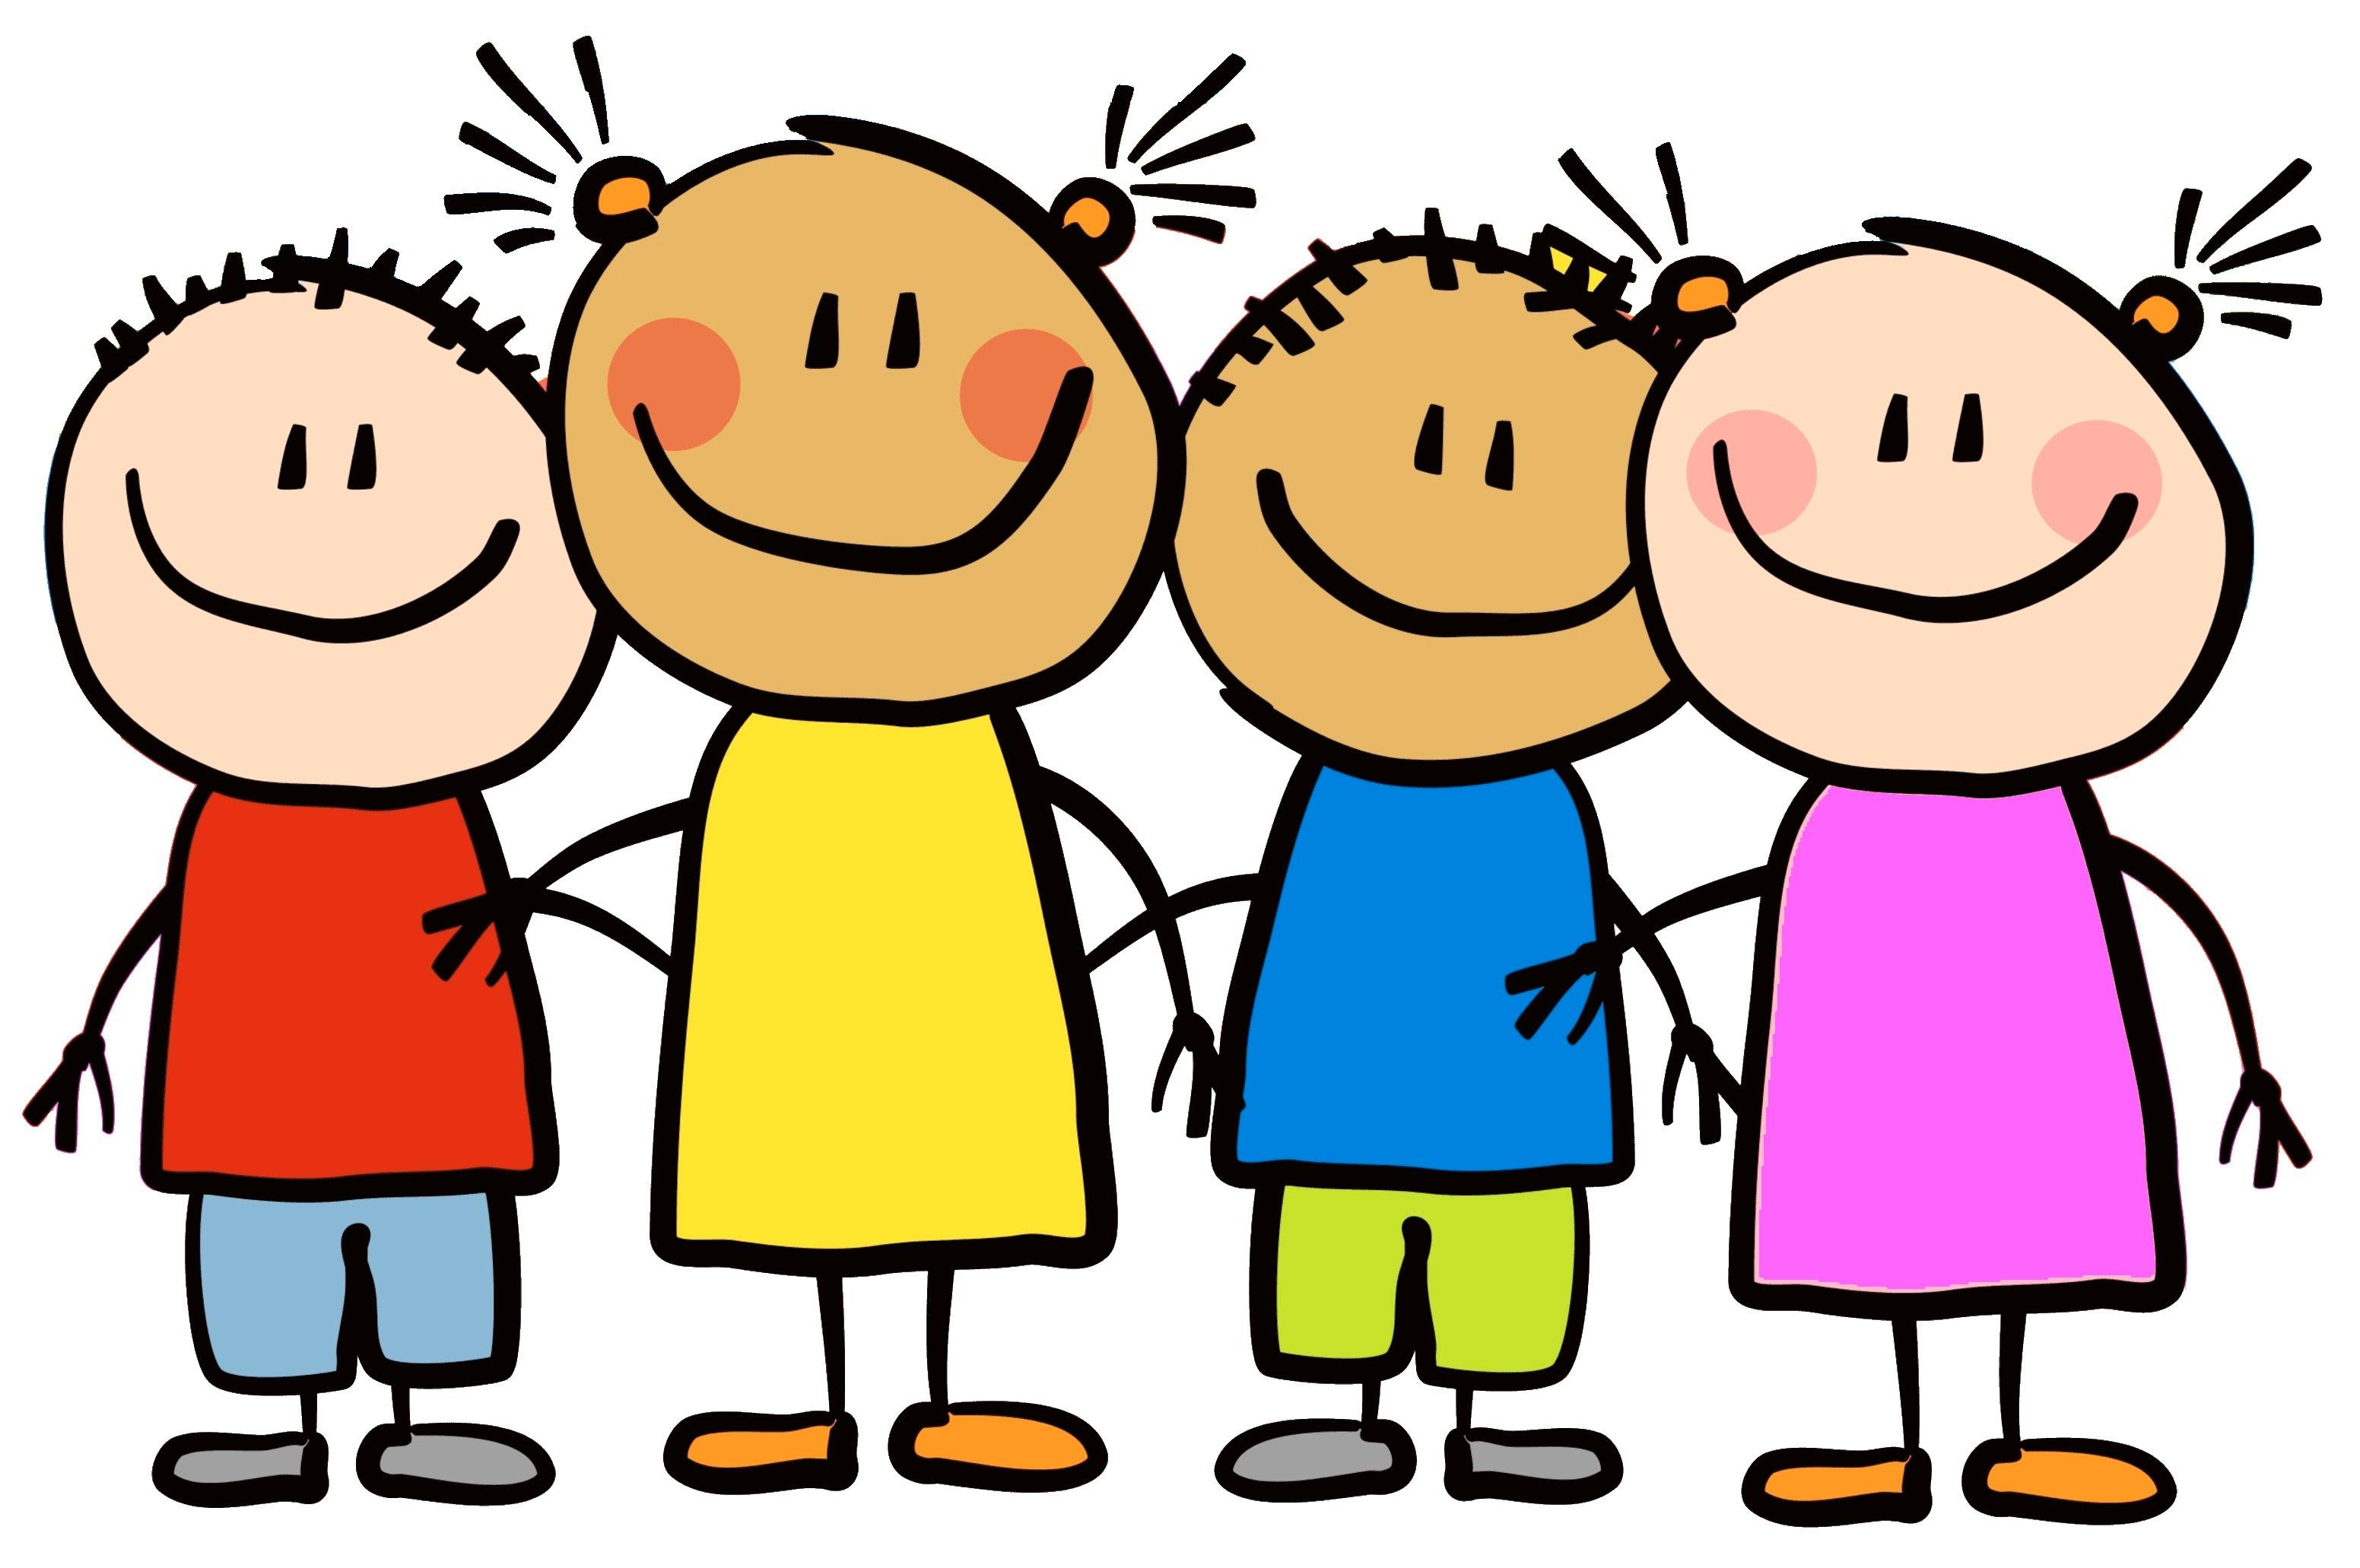 Children happy clipart.